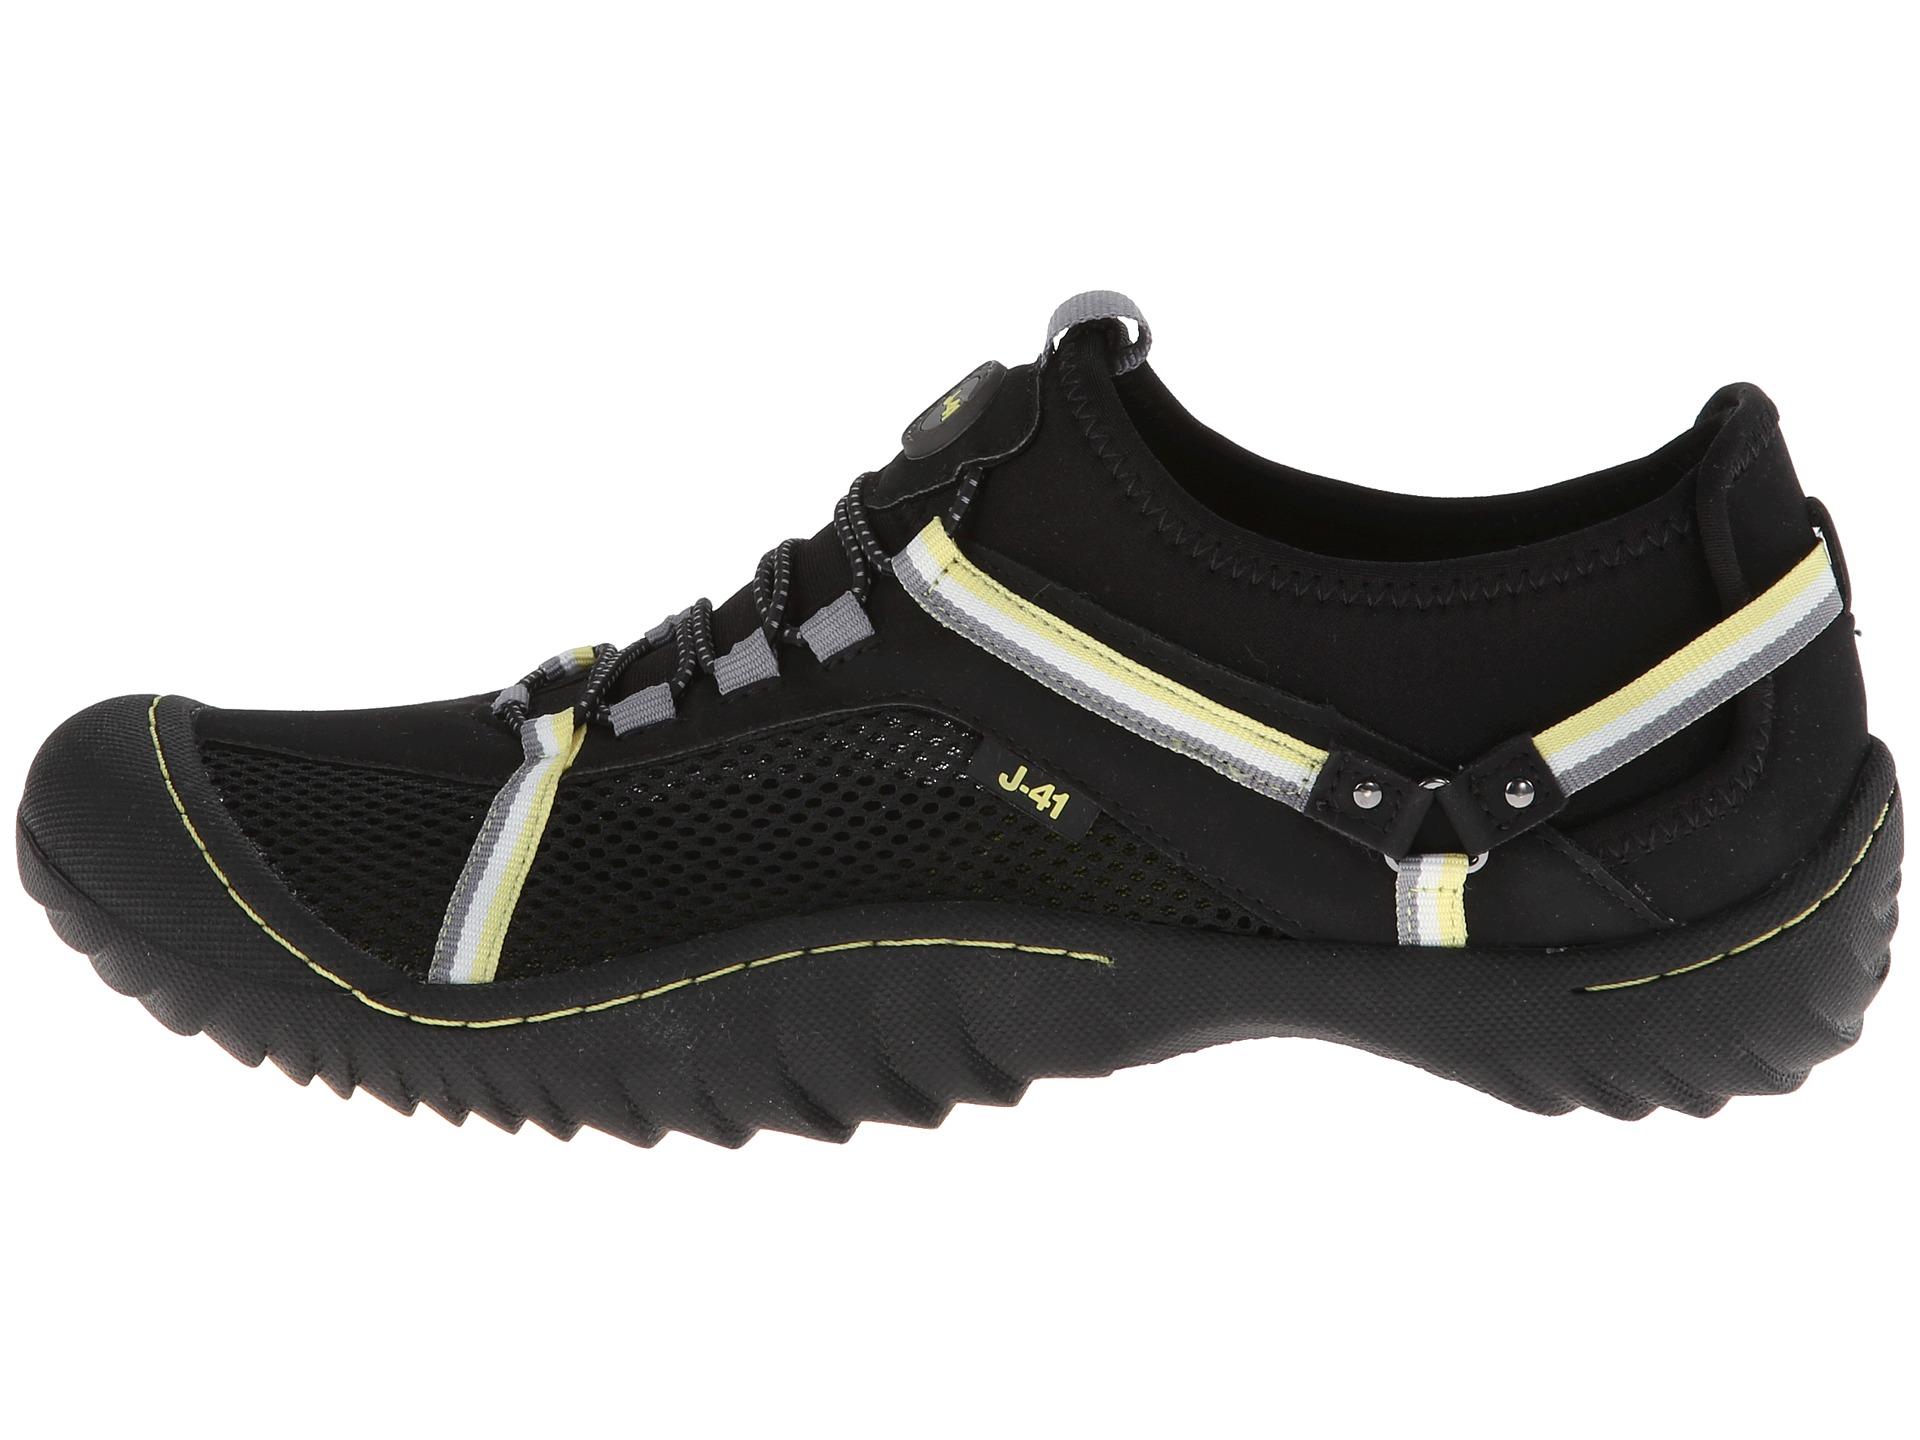 j 41 naples boots for men - photo#26